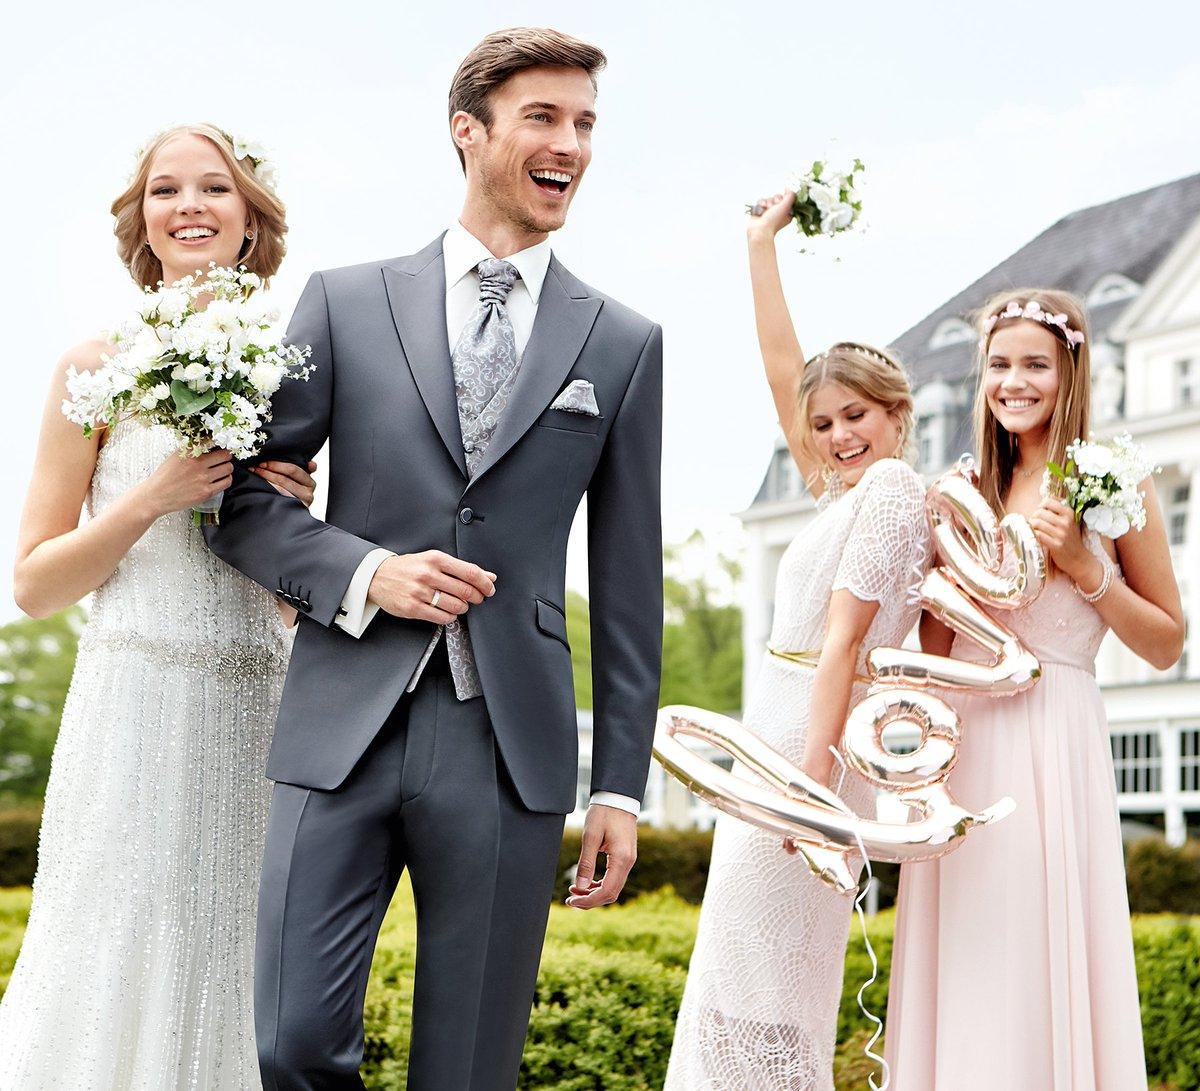 Happy Monday <3  #wilvorst #weddingsuit #hochzeitsanzug #hochzeit #weddingseason #echtemomente pic.twitter.com/g7sXWSRHtv